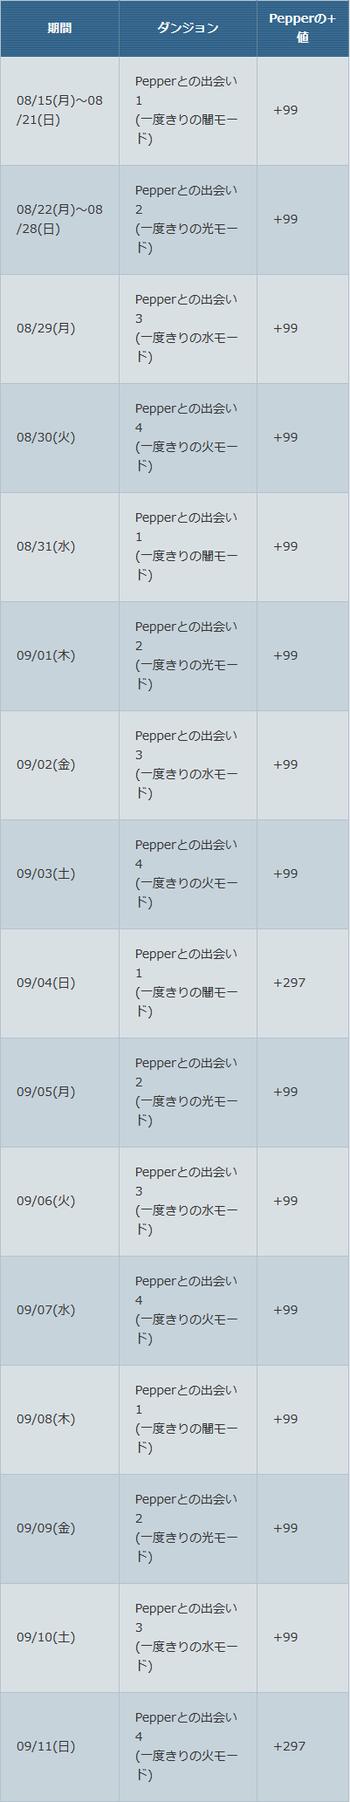 パズドラ Pepper トレジャー スケジュール